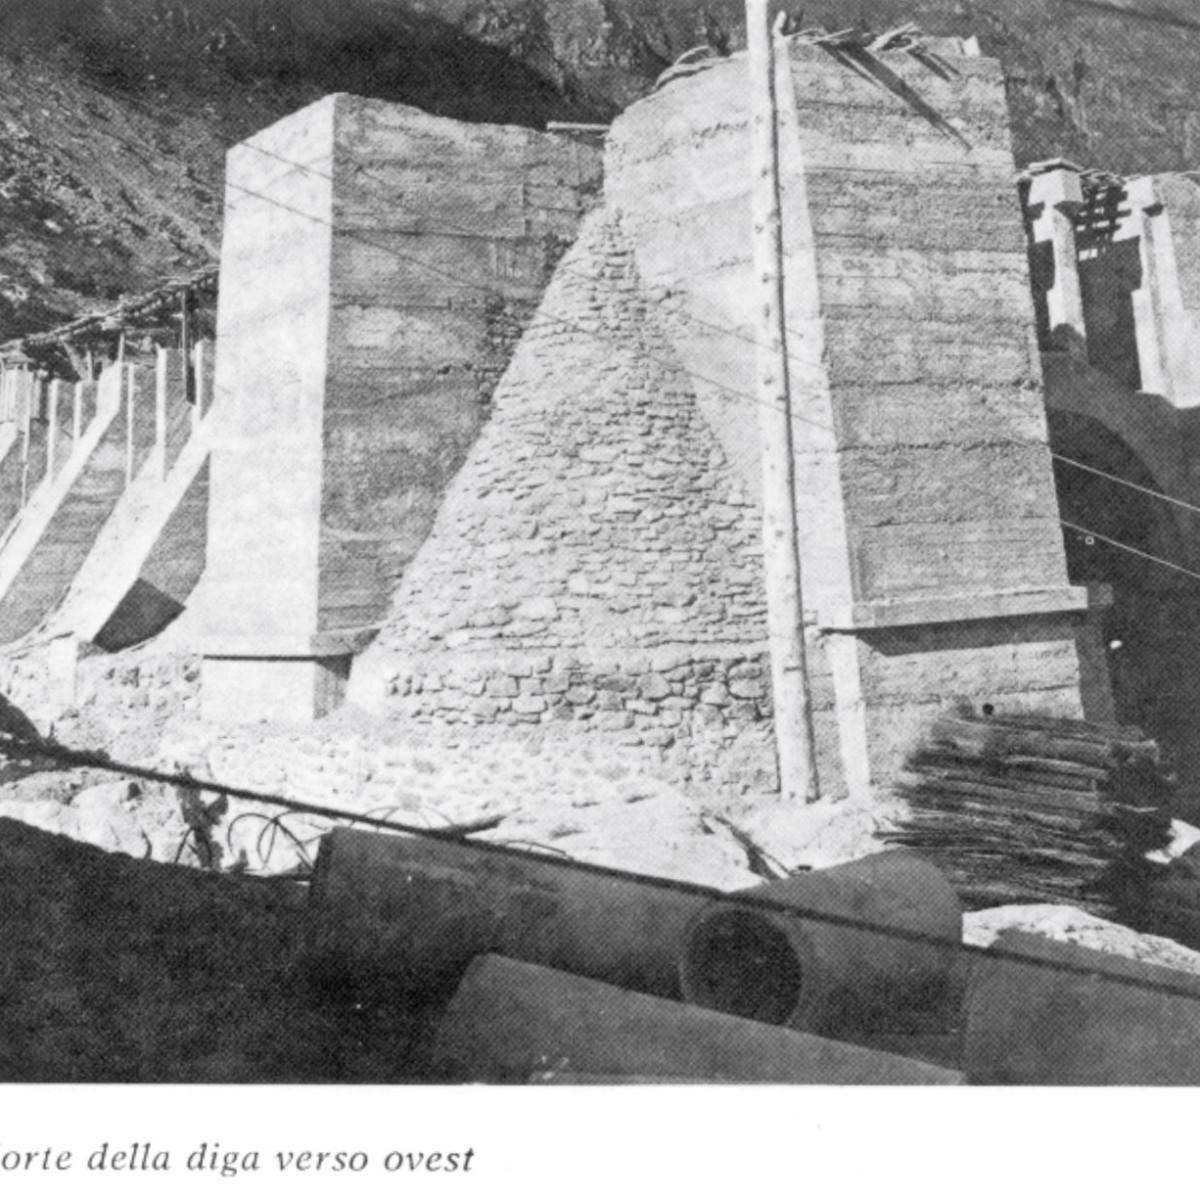 Contrafforte della diga verso ovest